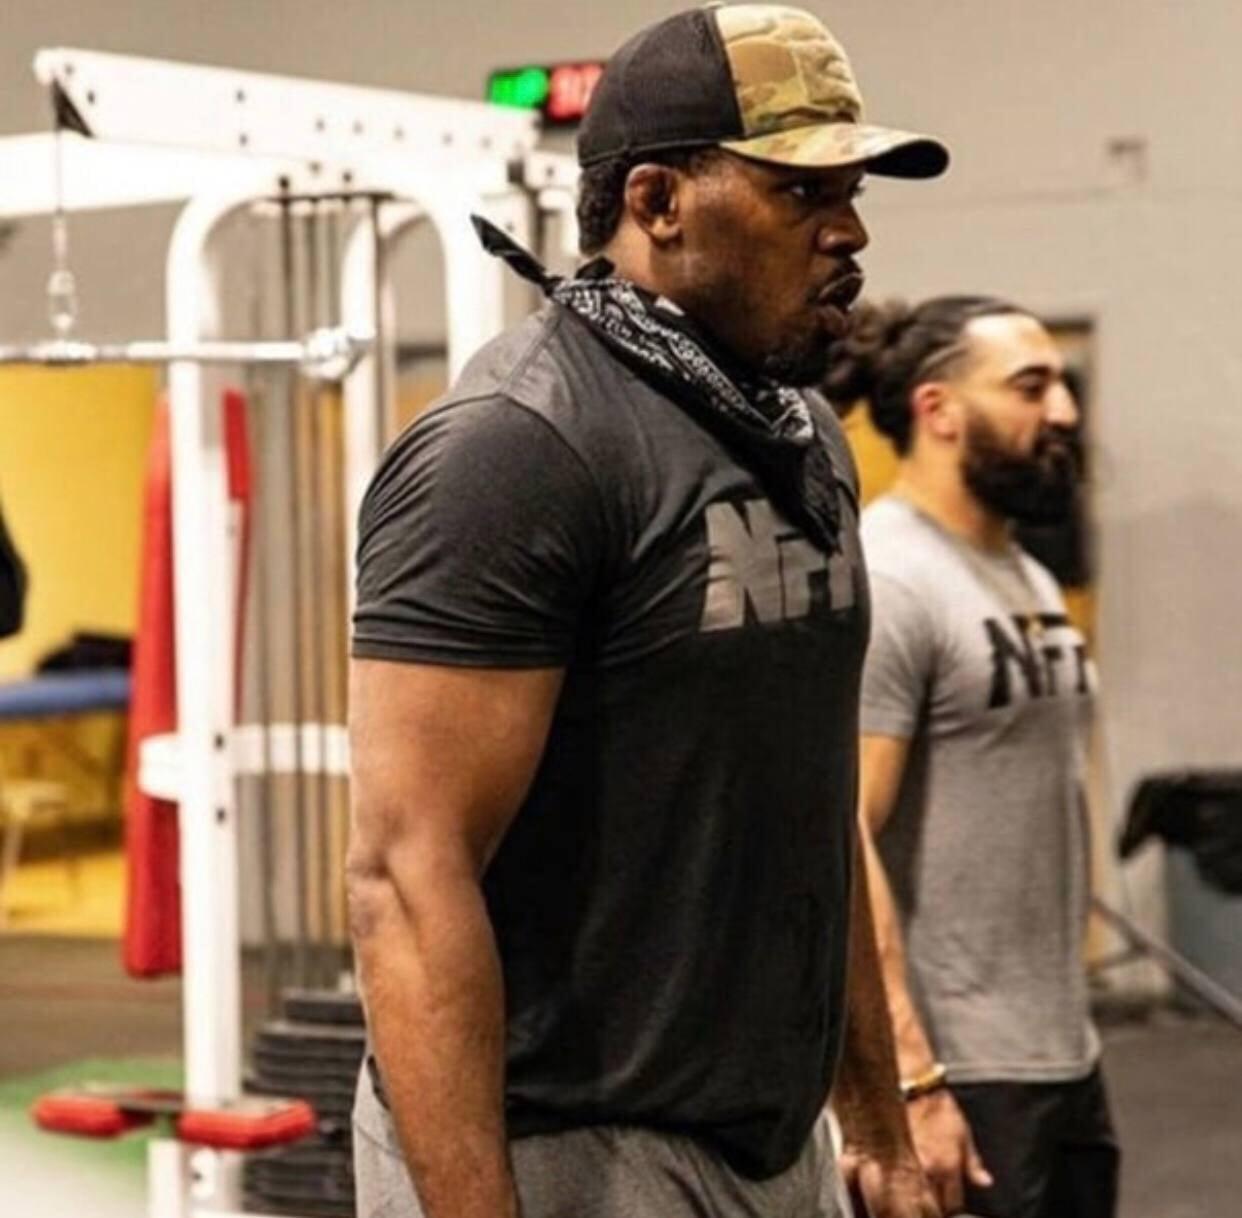 Джонс показал свою форму: «115-килограммовый старик»